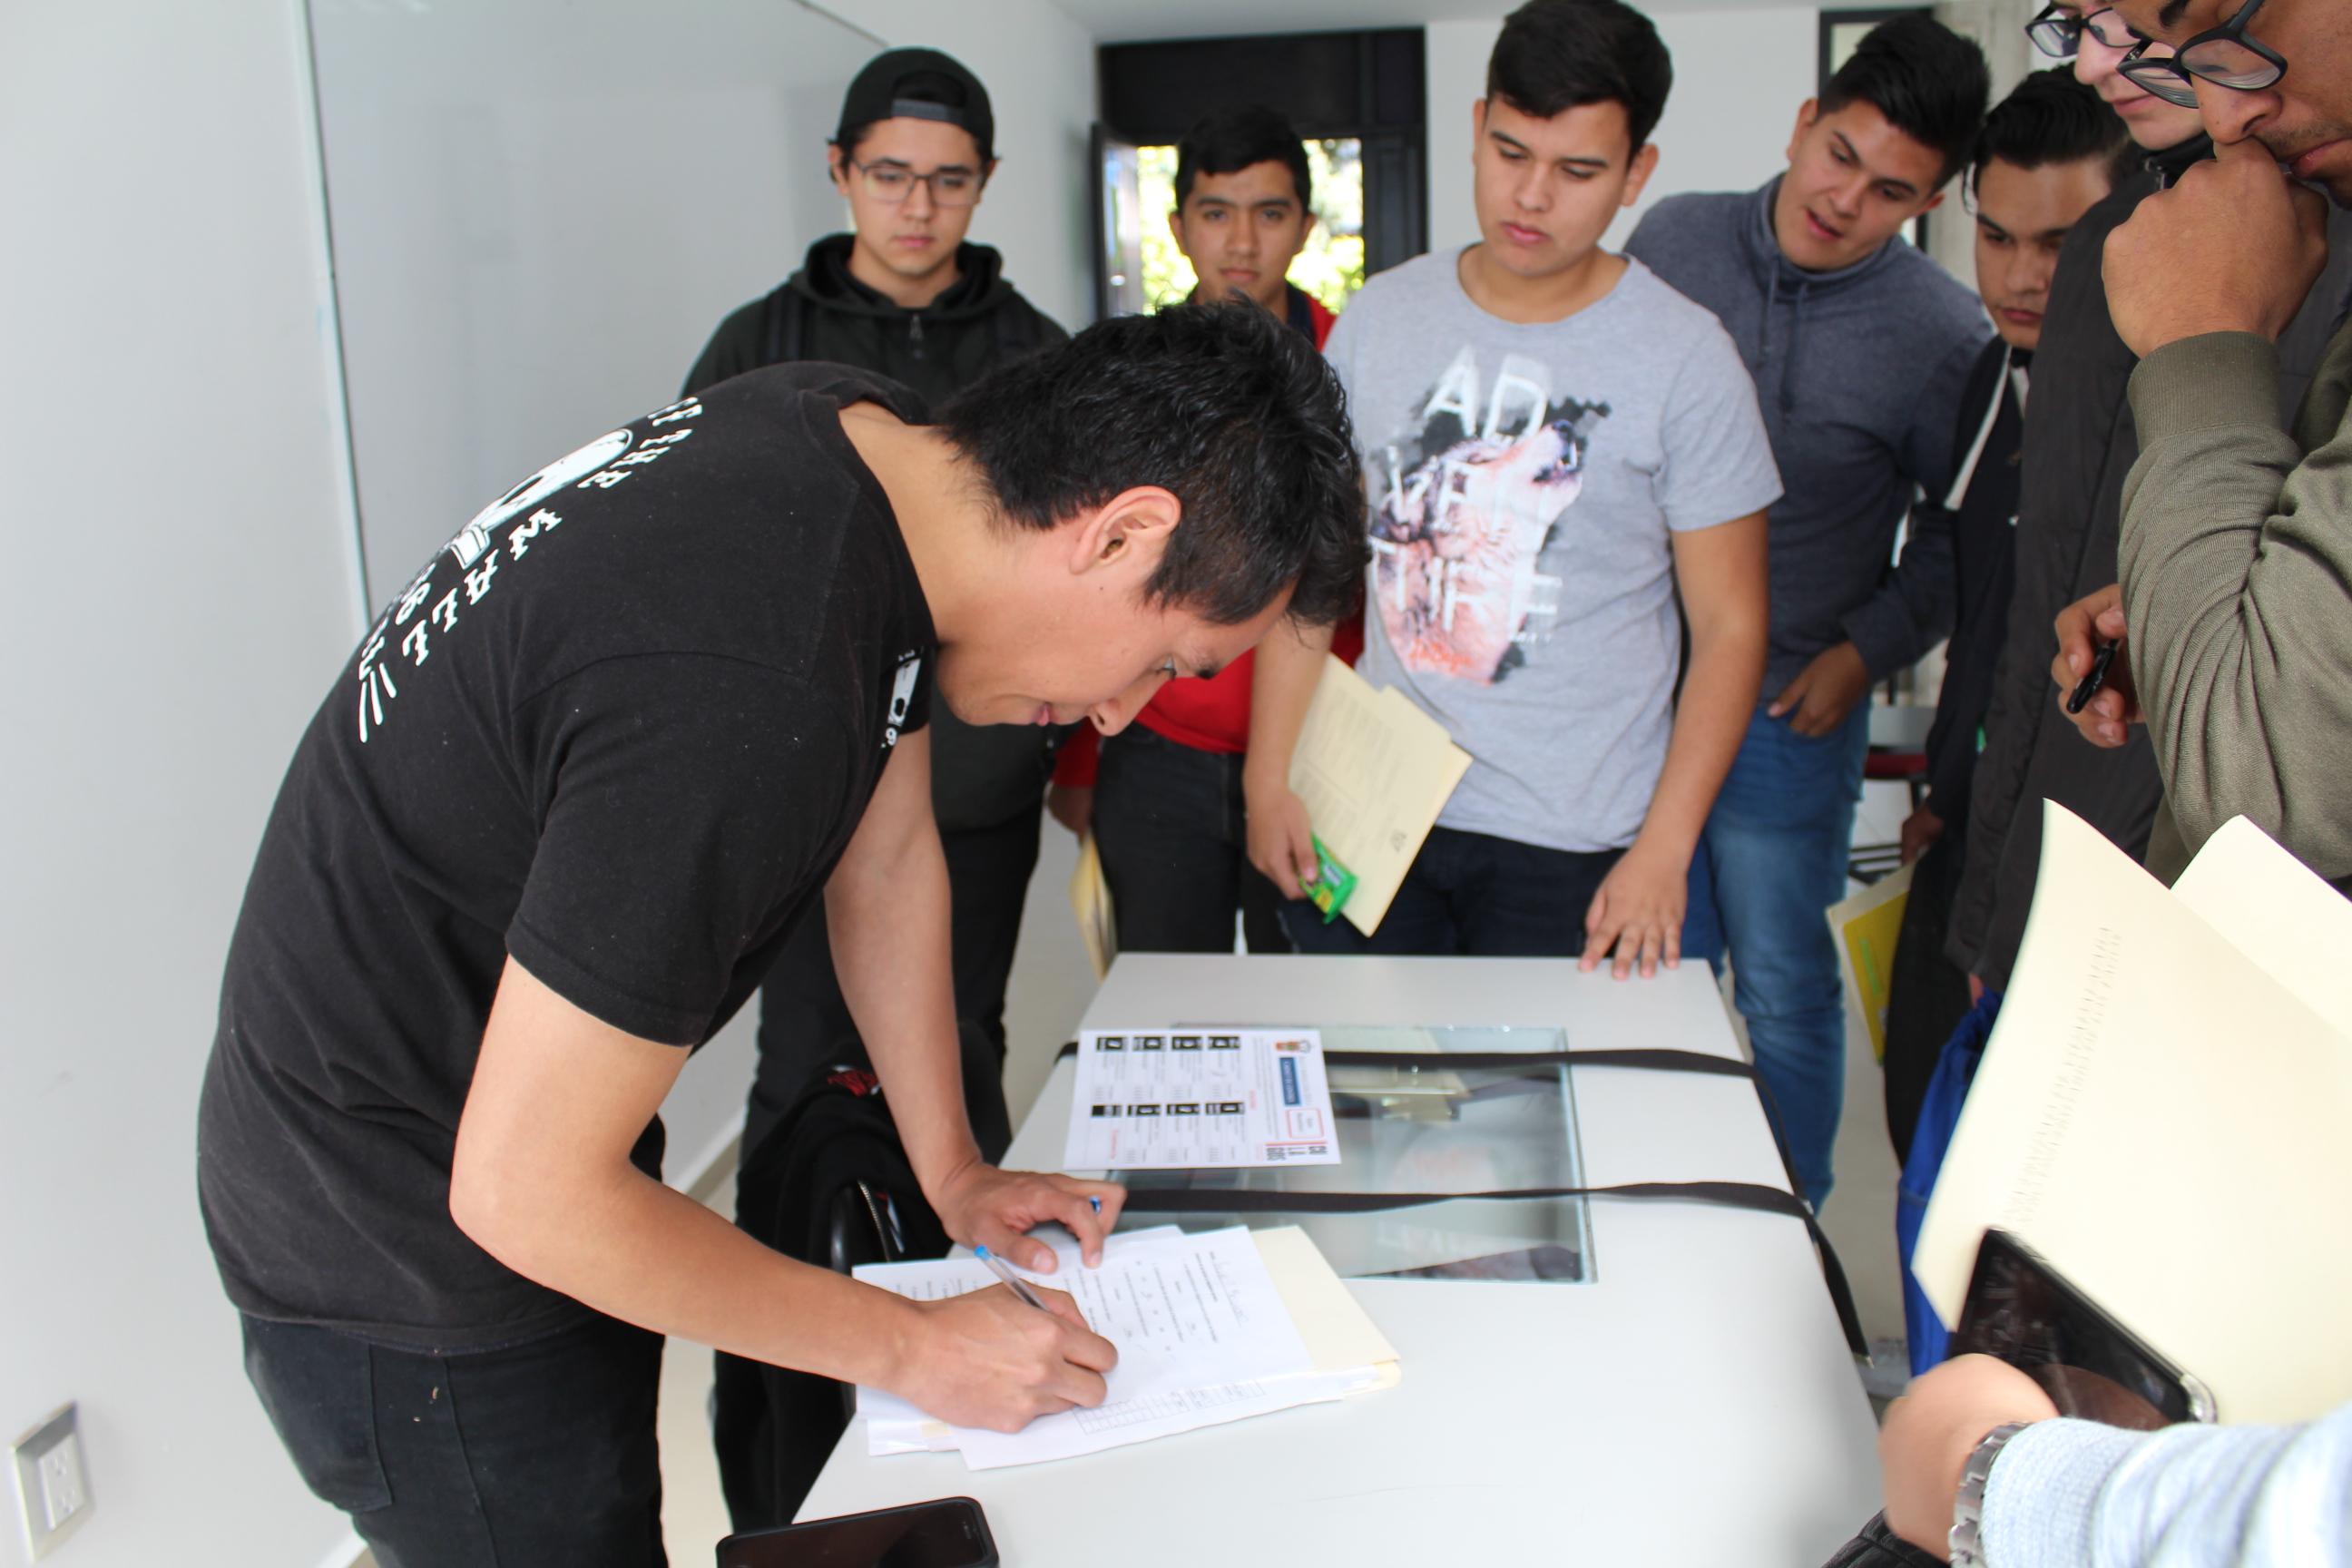 Equipo de alumnos contestando un cuestionario